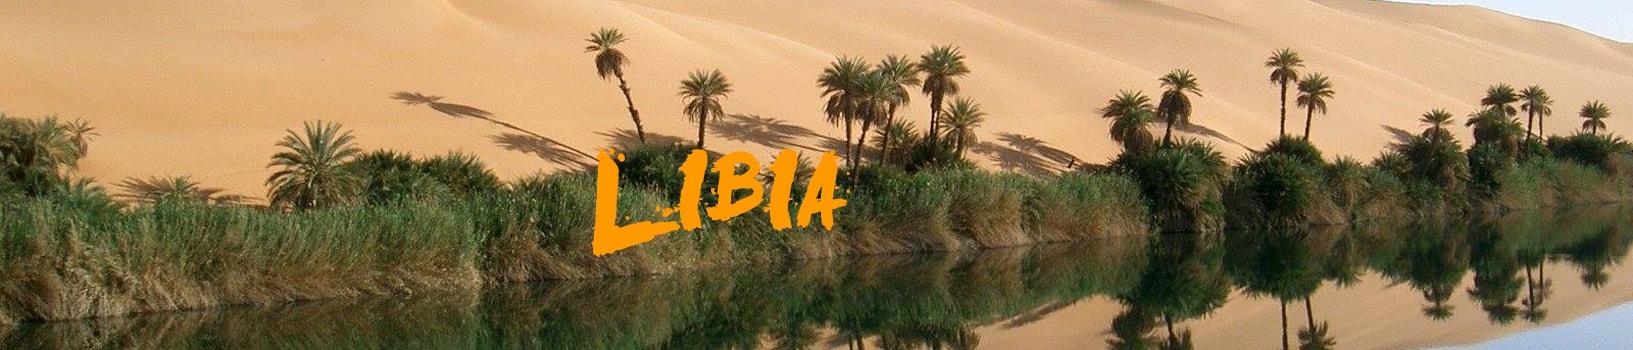 viaje-libia